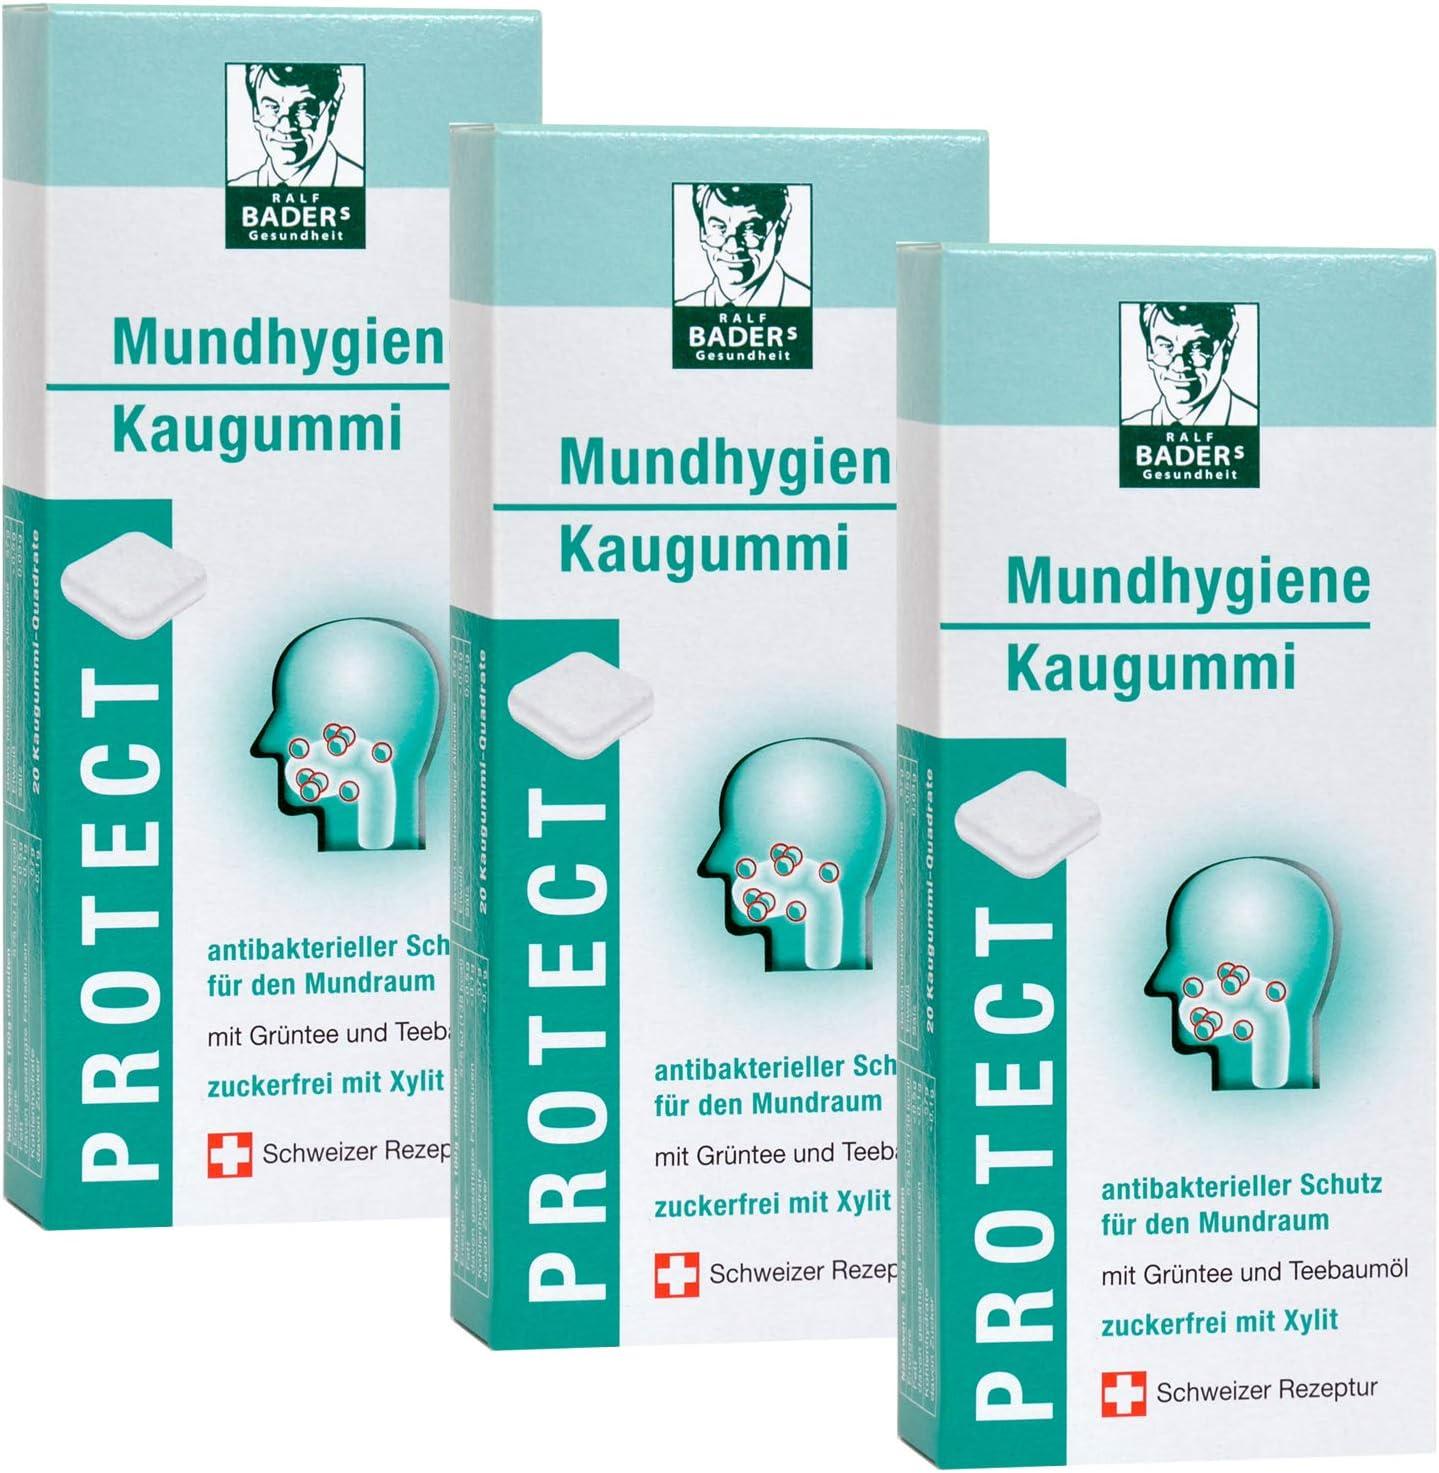 BADERs de la farmacia. Los chicles de higiene bucal. Protección antibacteriana para la boca con aceite de árbol de té, té verde y xilitol. 3 x 20 cuadrados de goma de mascar